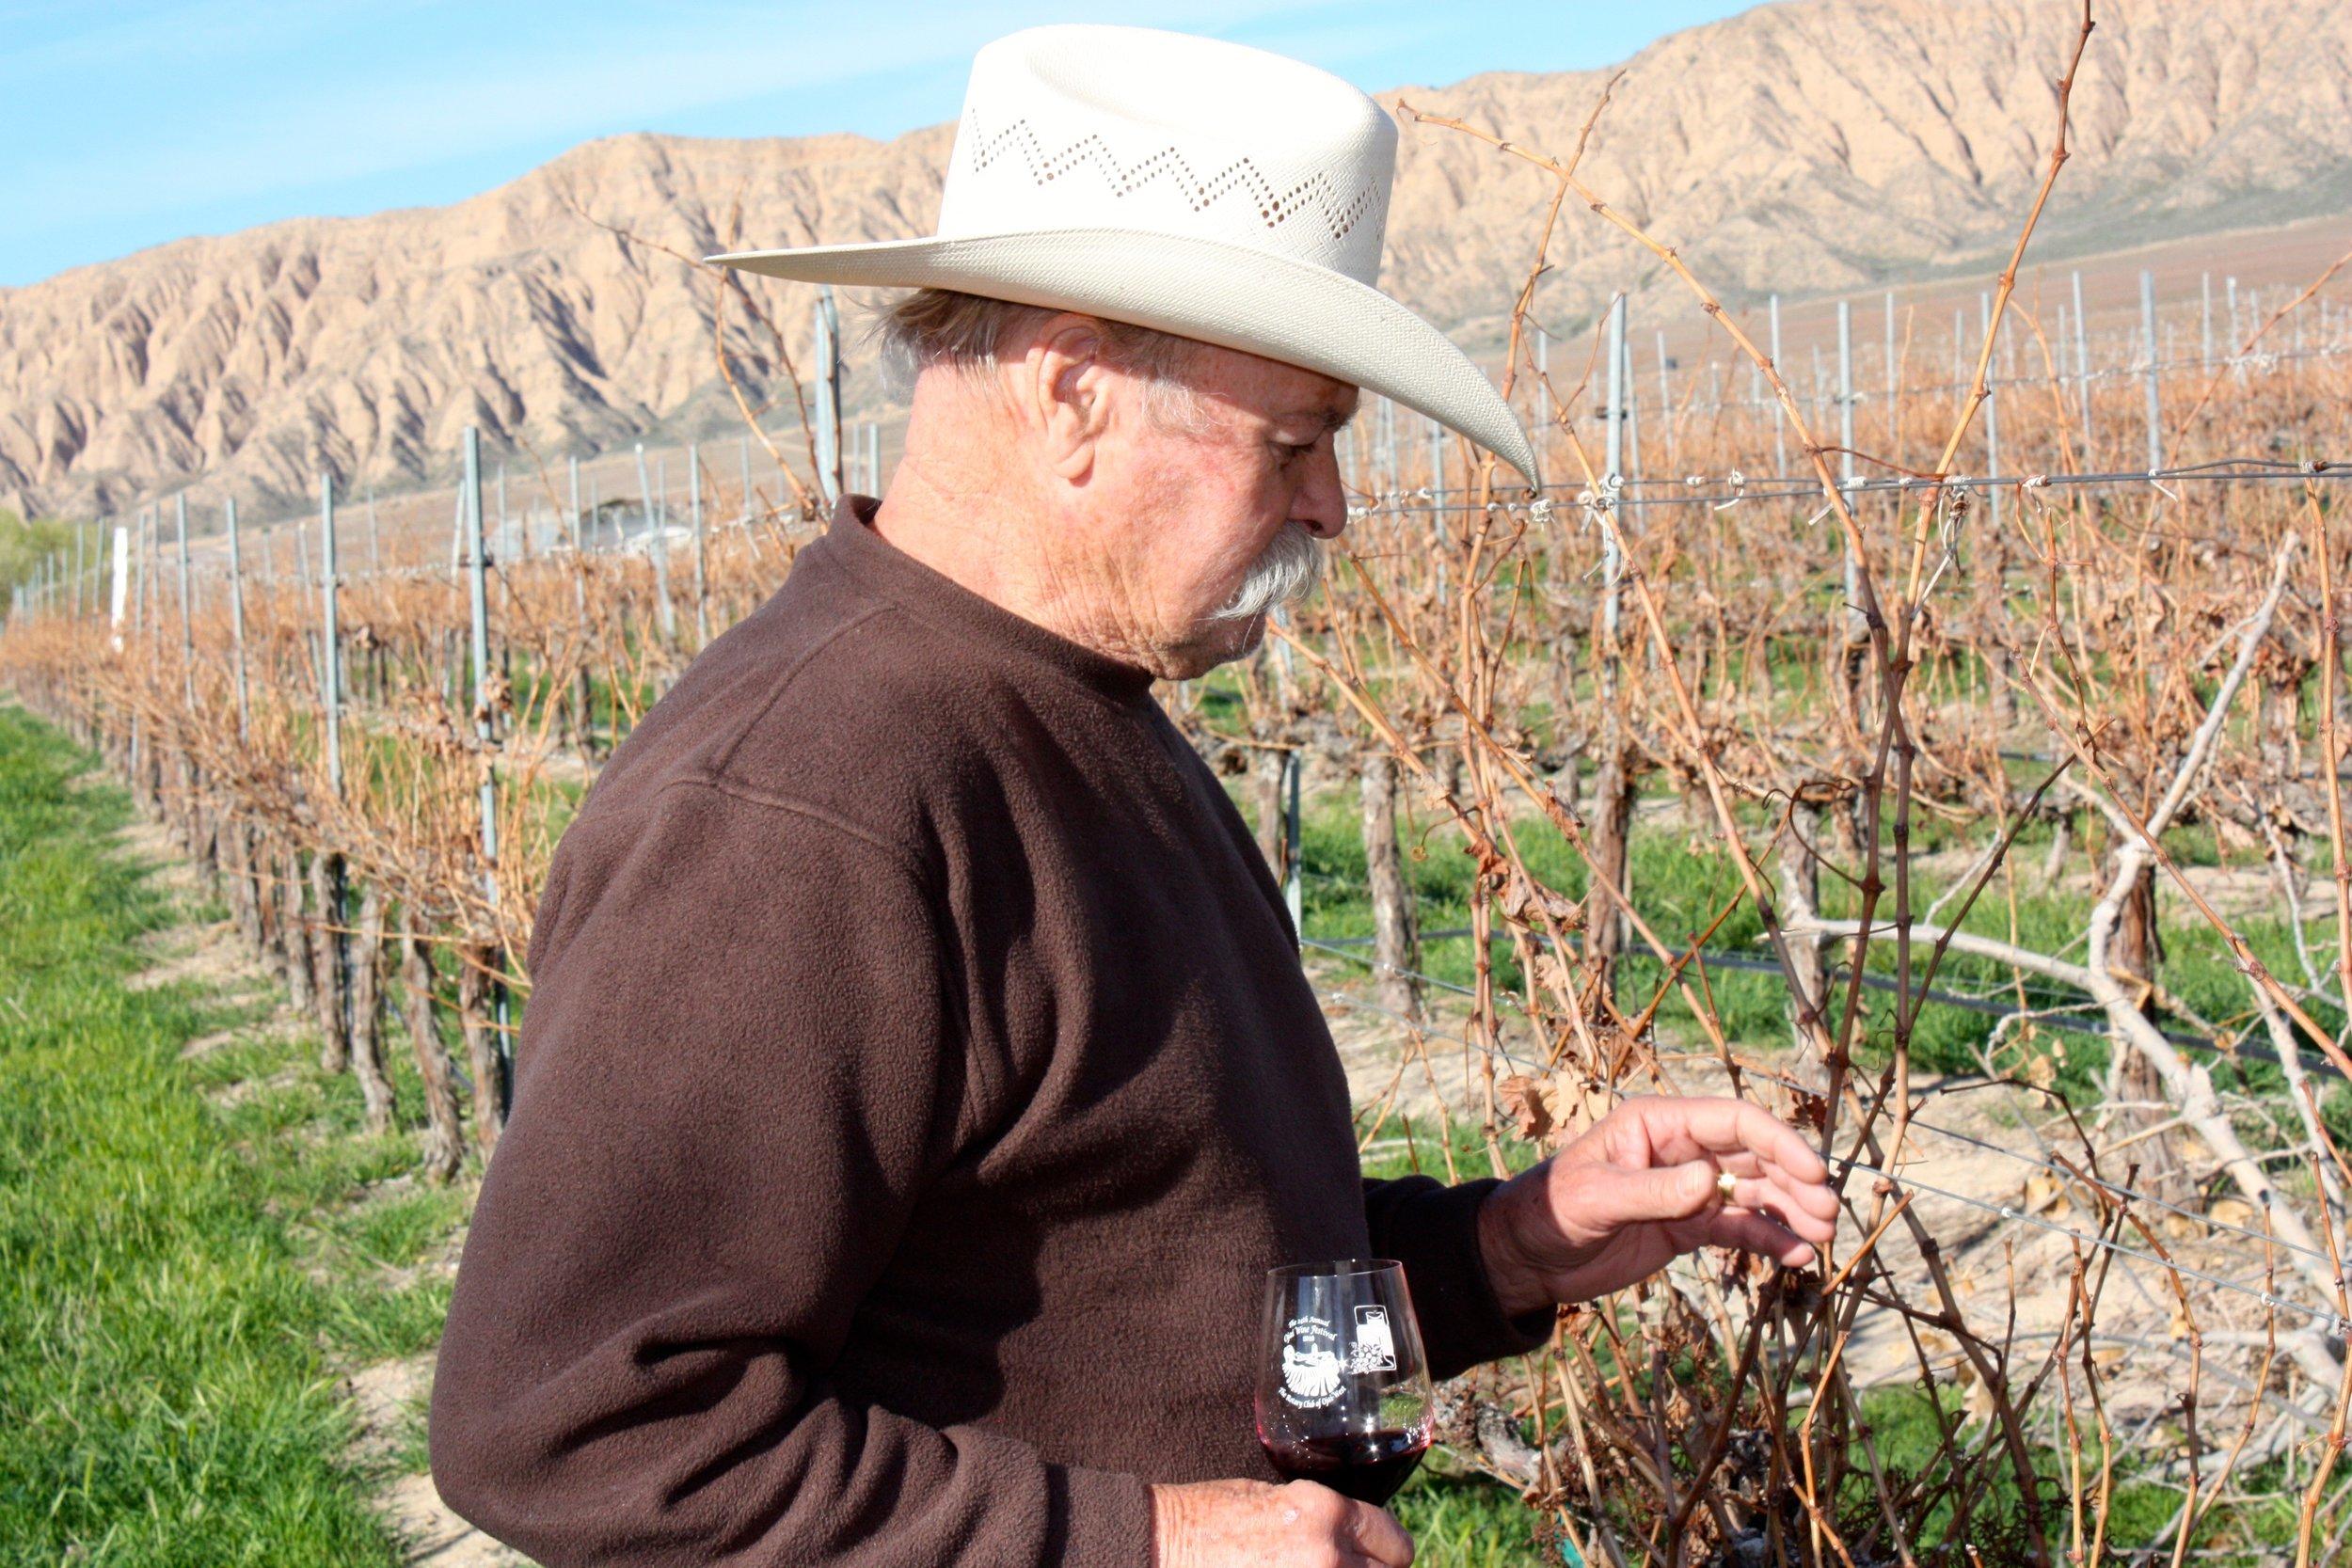 Boppa in the Vines